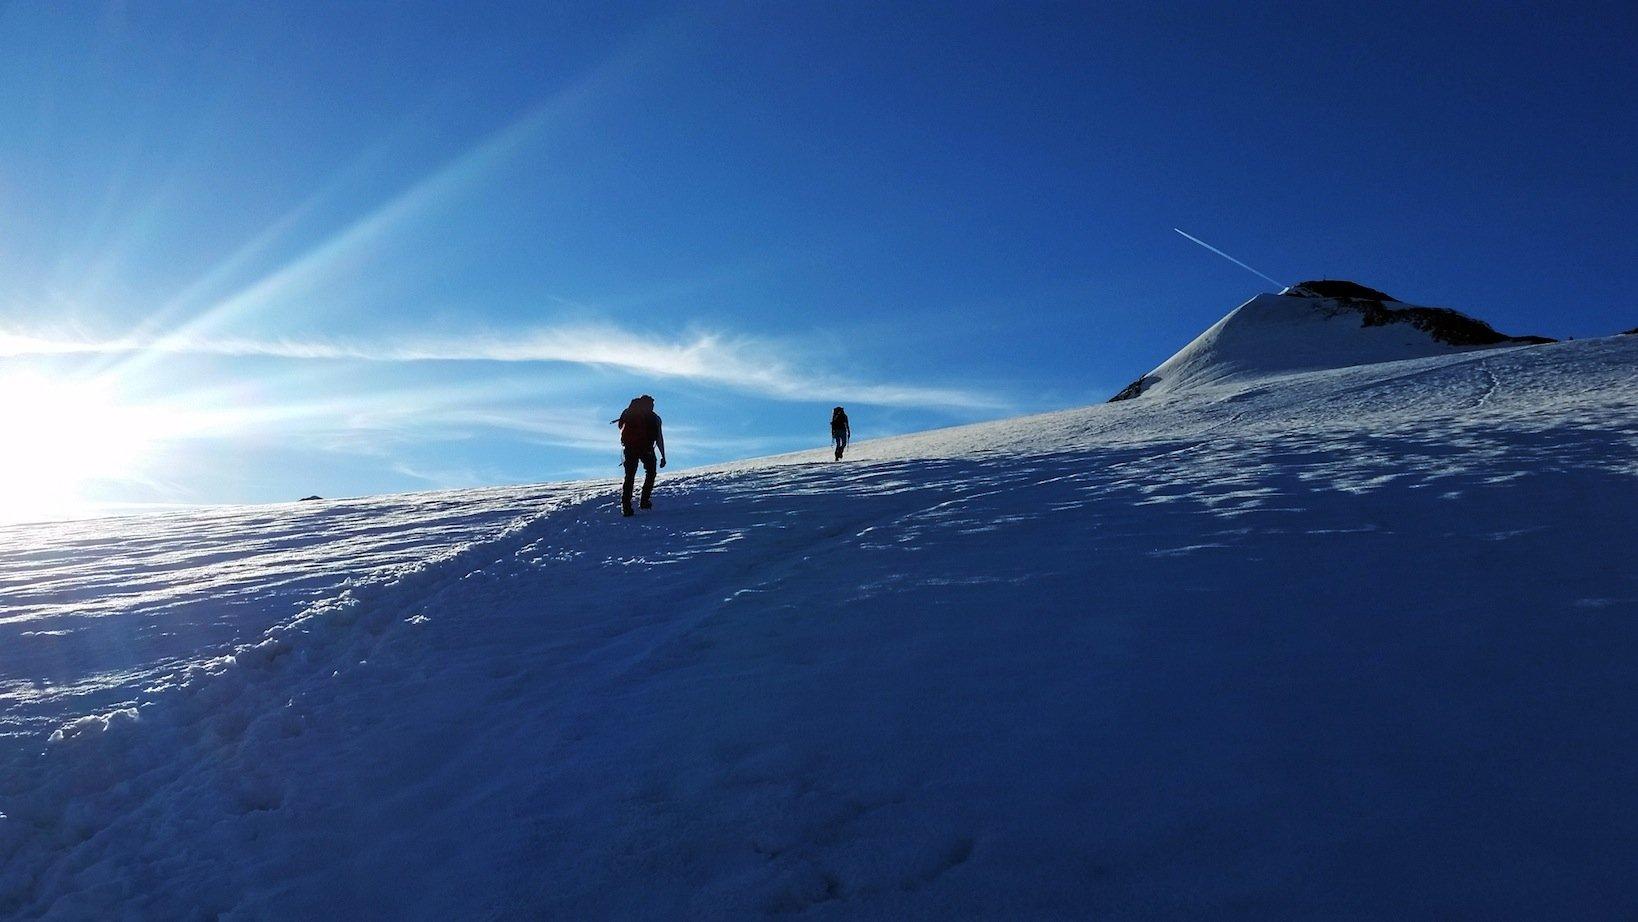 Ziele – Similaun (3.603m): Leichte Hochtour mit spektakulärer Gratüberschreitung in den Ötztaler Alpen